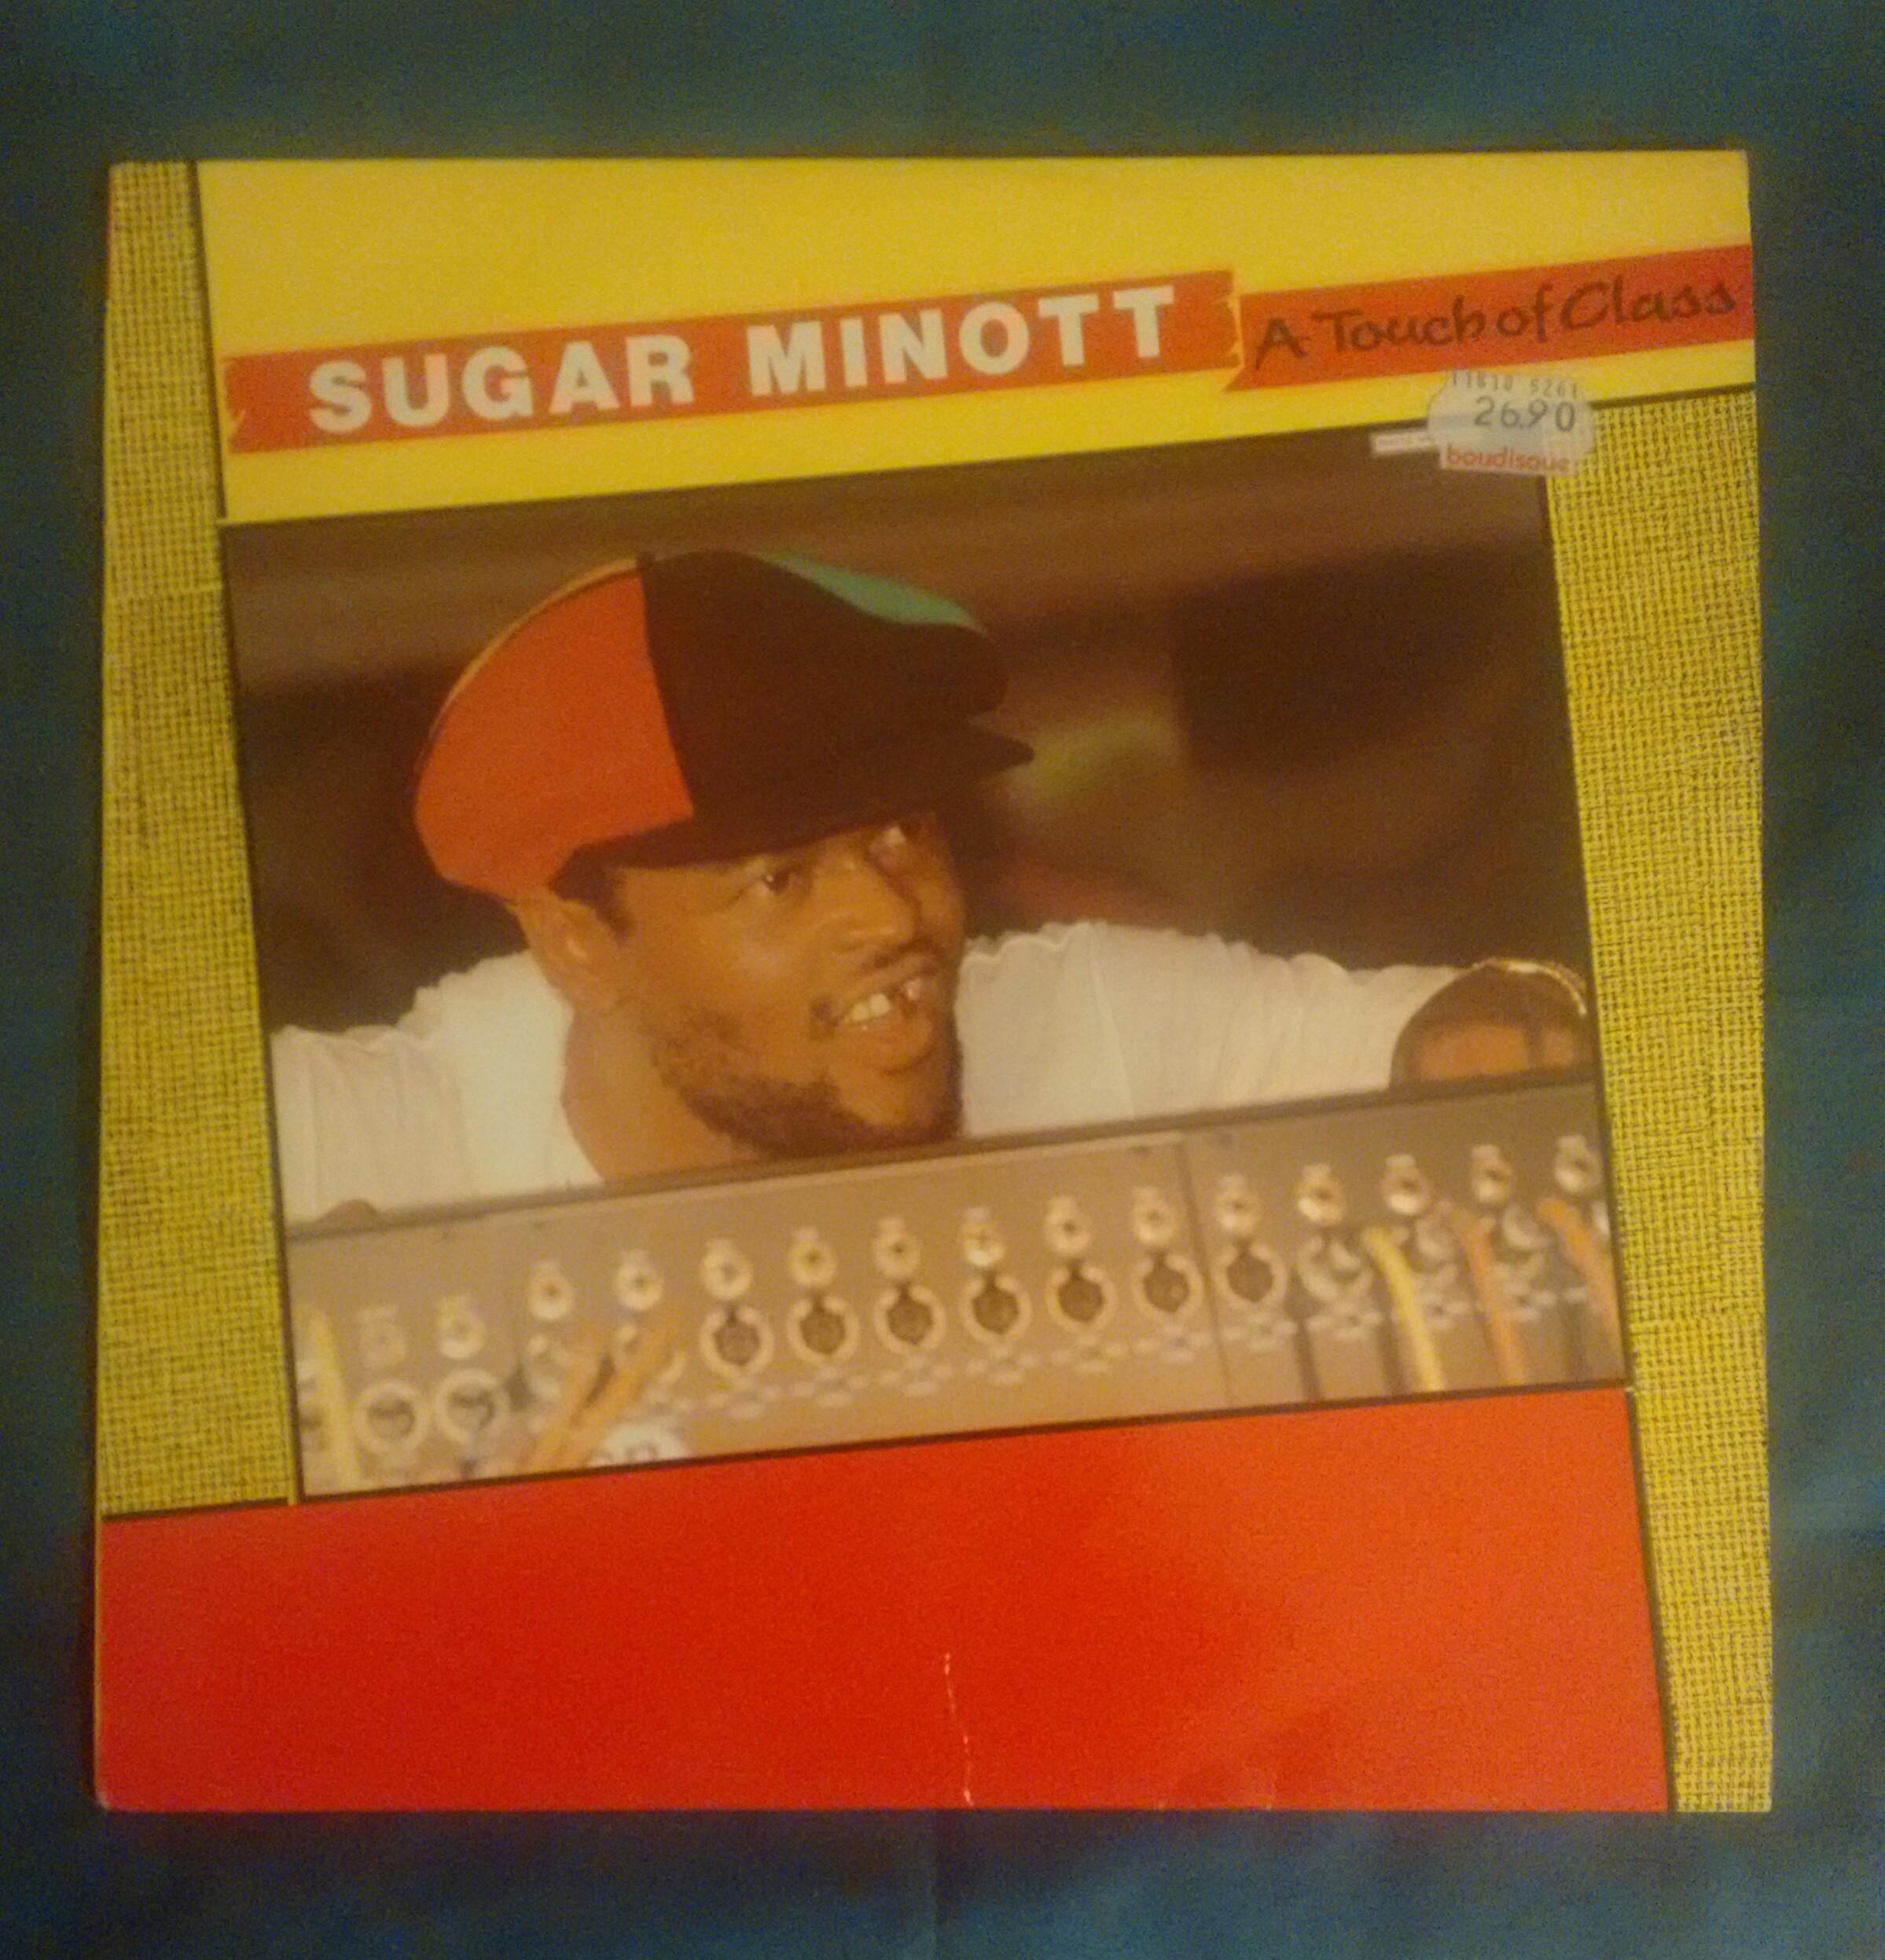 sugar minnot